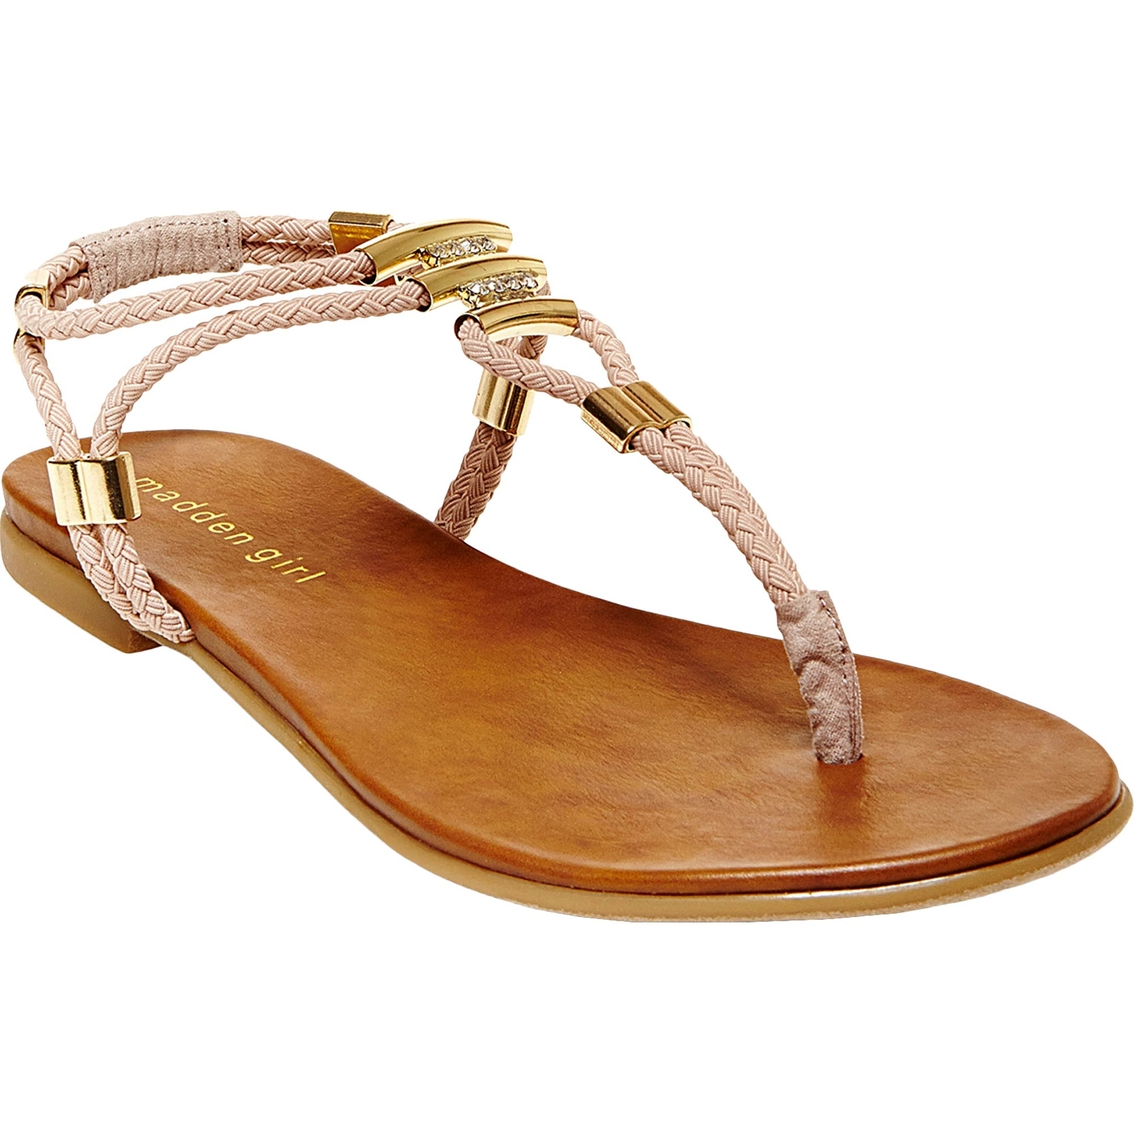 47b2fe75e74 Madden Girl Flexii Woven Thong Flat Sandal